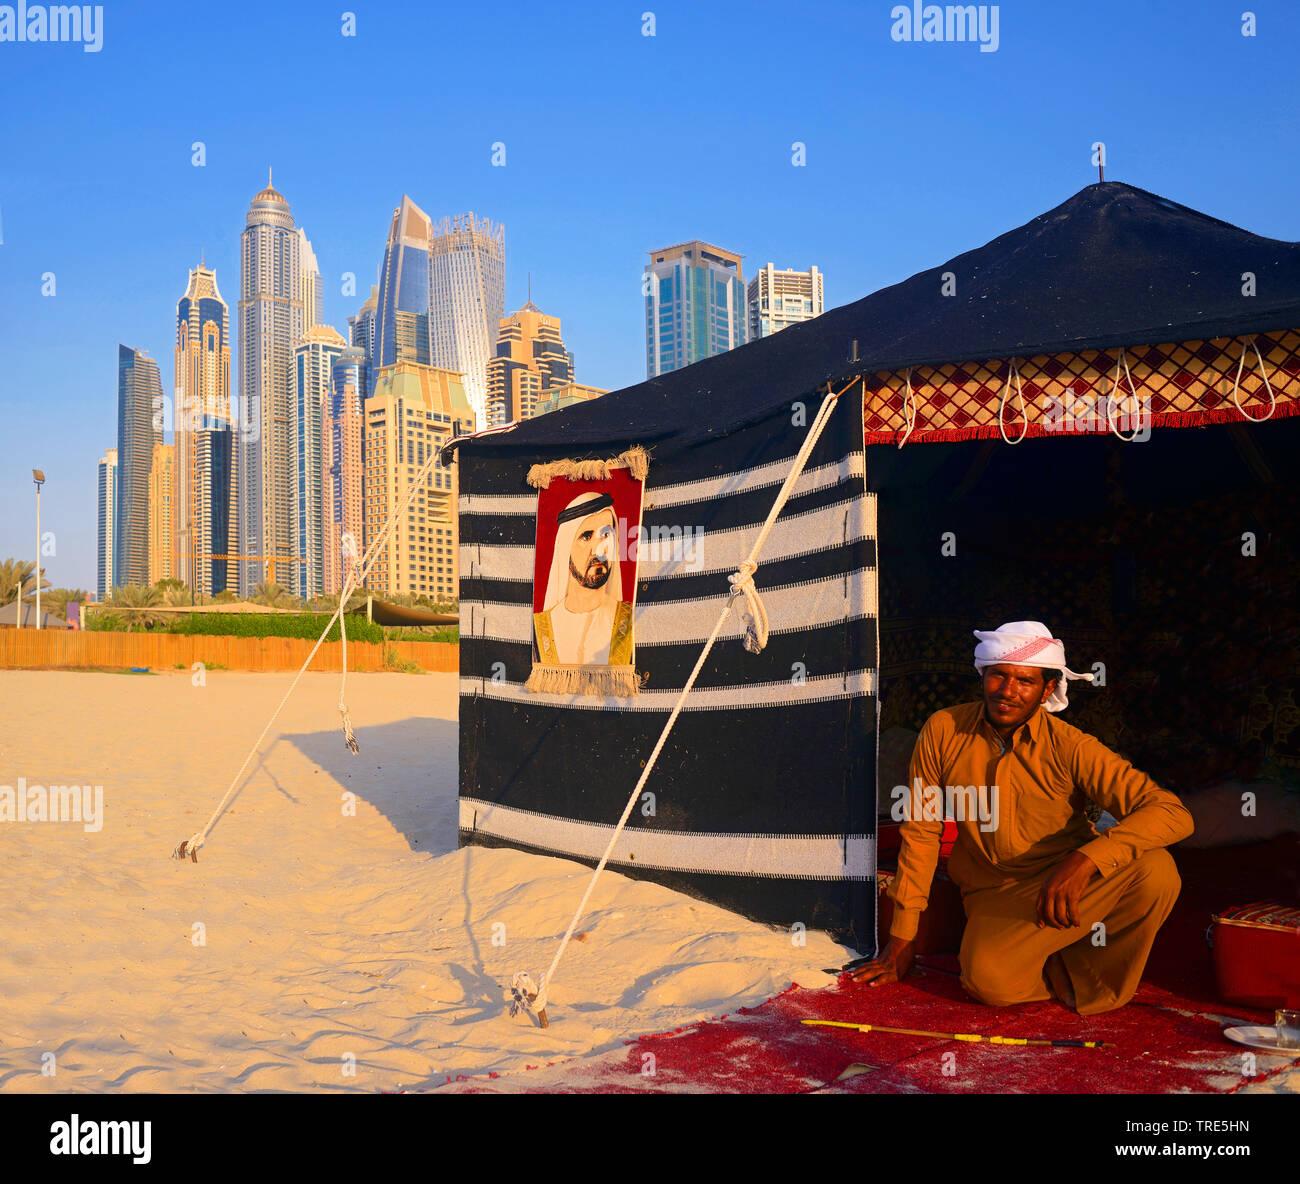 Beduine vor seinem Zelt, Wolkenkratzer von Dubai im Hintergrund, Vereinigte Arabische Emirate, Dubai | bedouin man and his camp in front of skyscraper - Stock Image